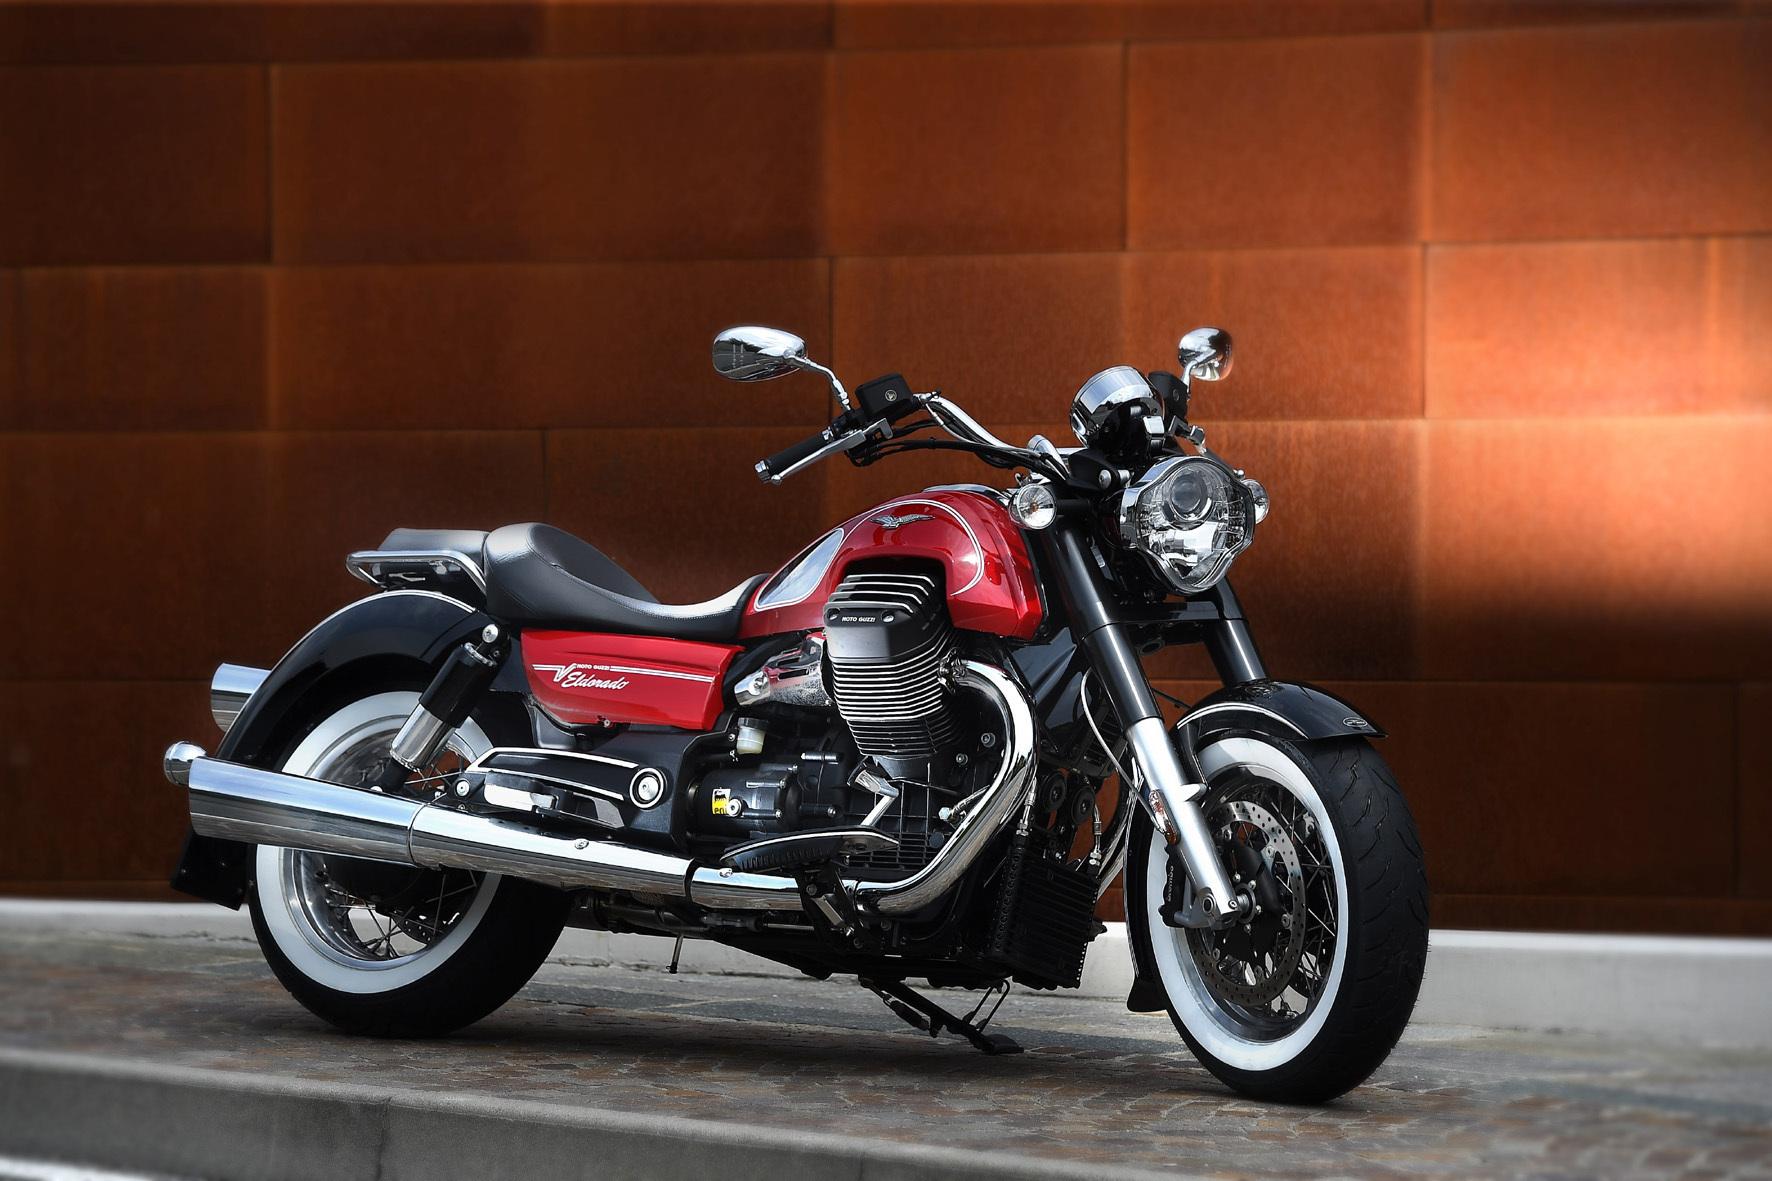 mid Mandello del Lario/Italien - Weißwandreifen, Speichenräder und massig Chromelemente: Die neue Moto Guzzi Eldorado kommt schon im Neuzustand wie ein waschechter Klassiker daher.